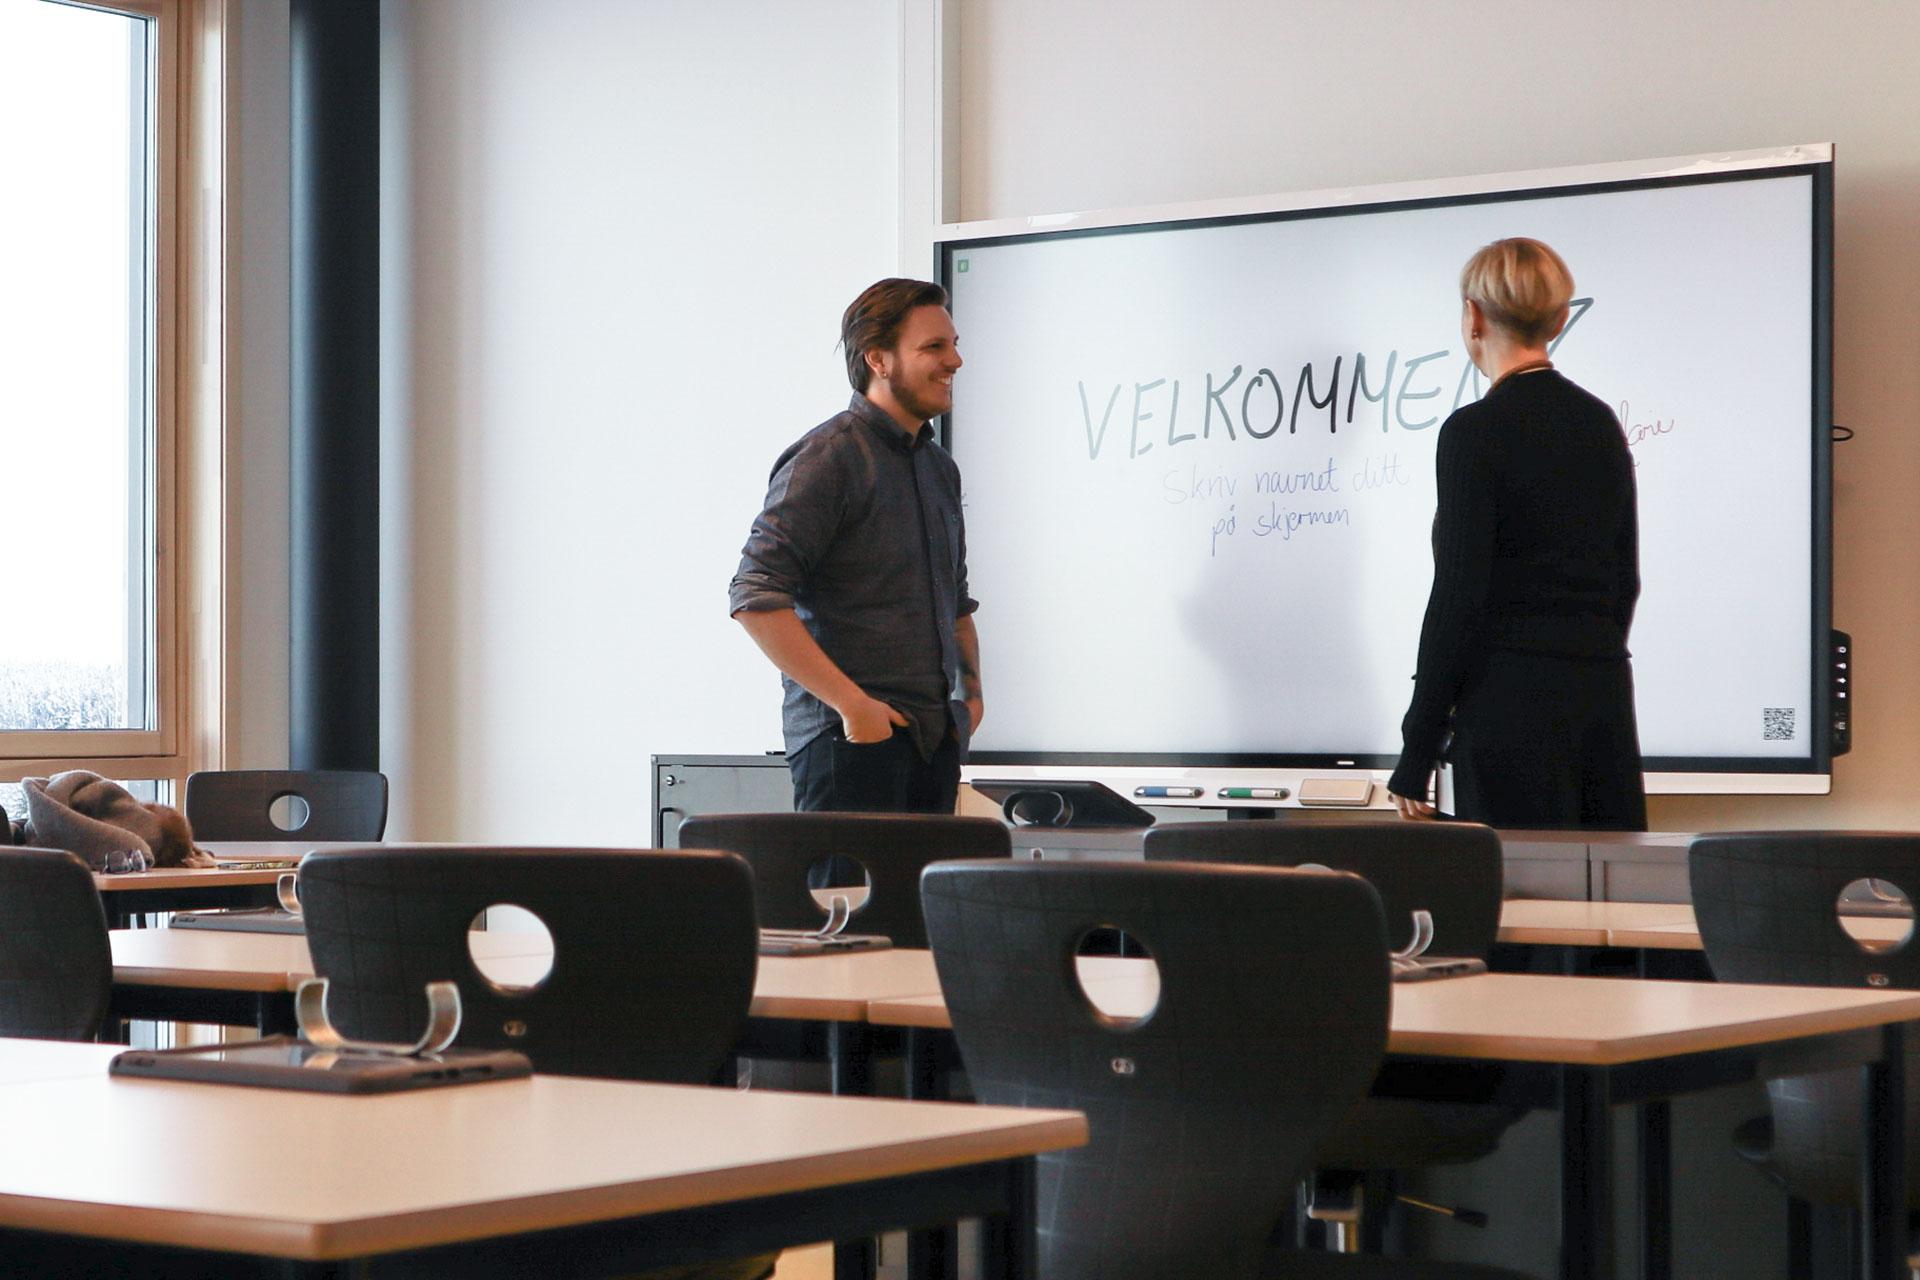 Artikkel Smart board moderne avansert gystadmarka